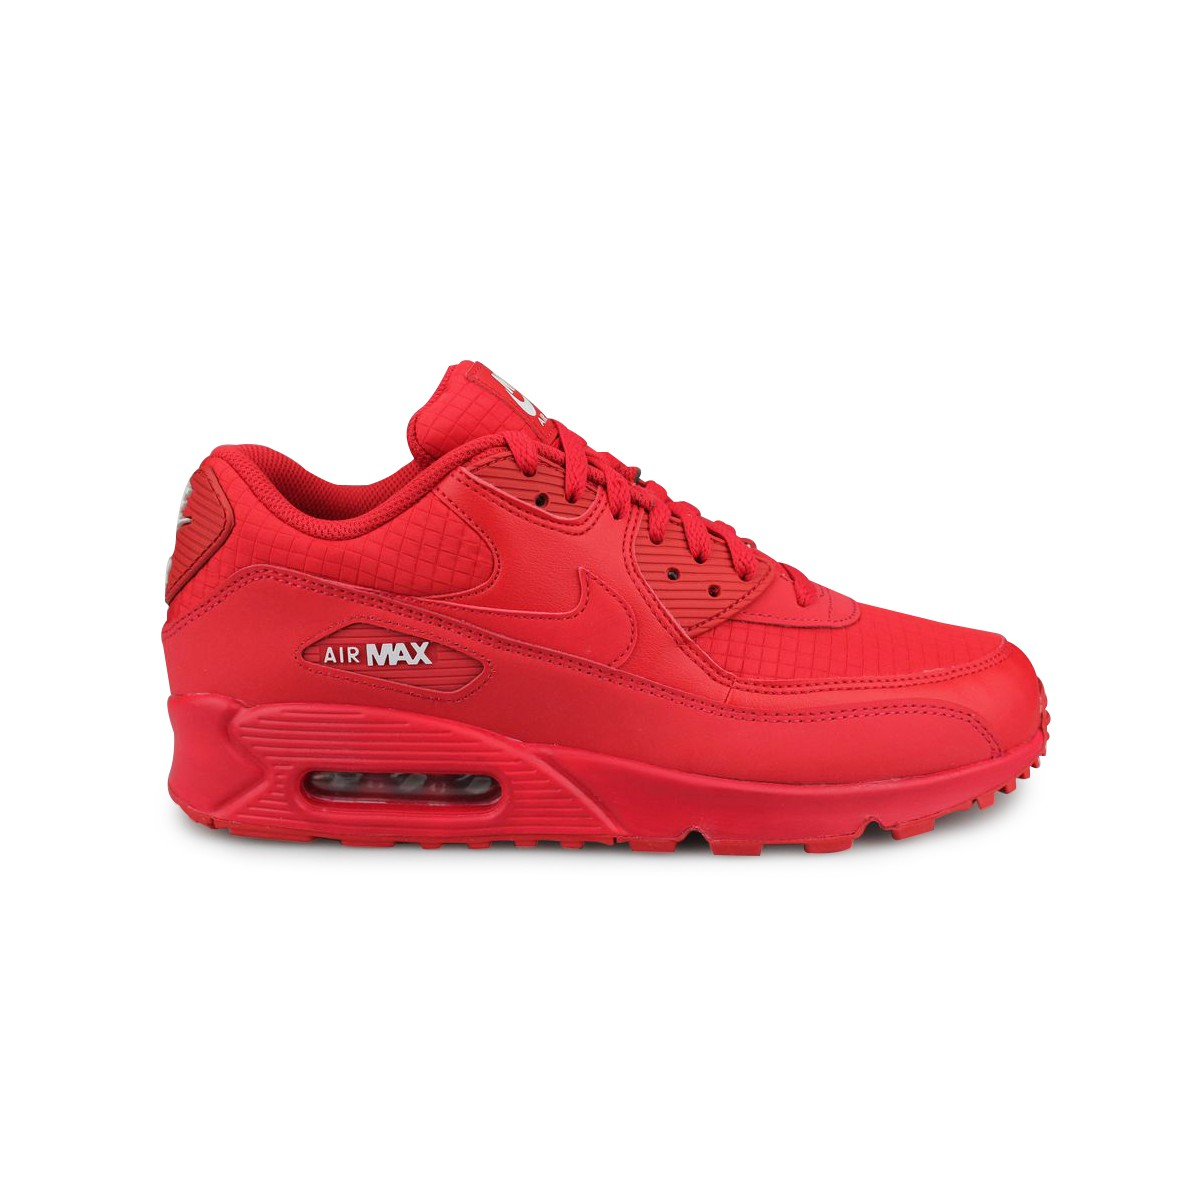 chaussures de séparation 53a18 4d3c3 Nike Air Max 90 Essential Rouge AJ1285-602   Street Shoes Addict